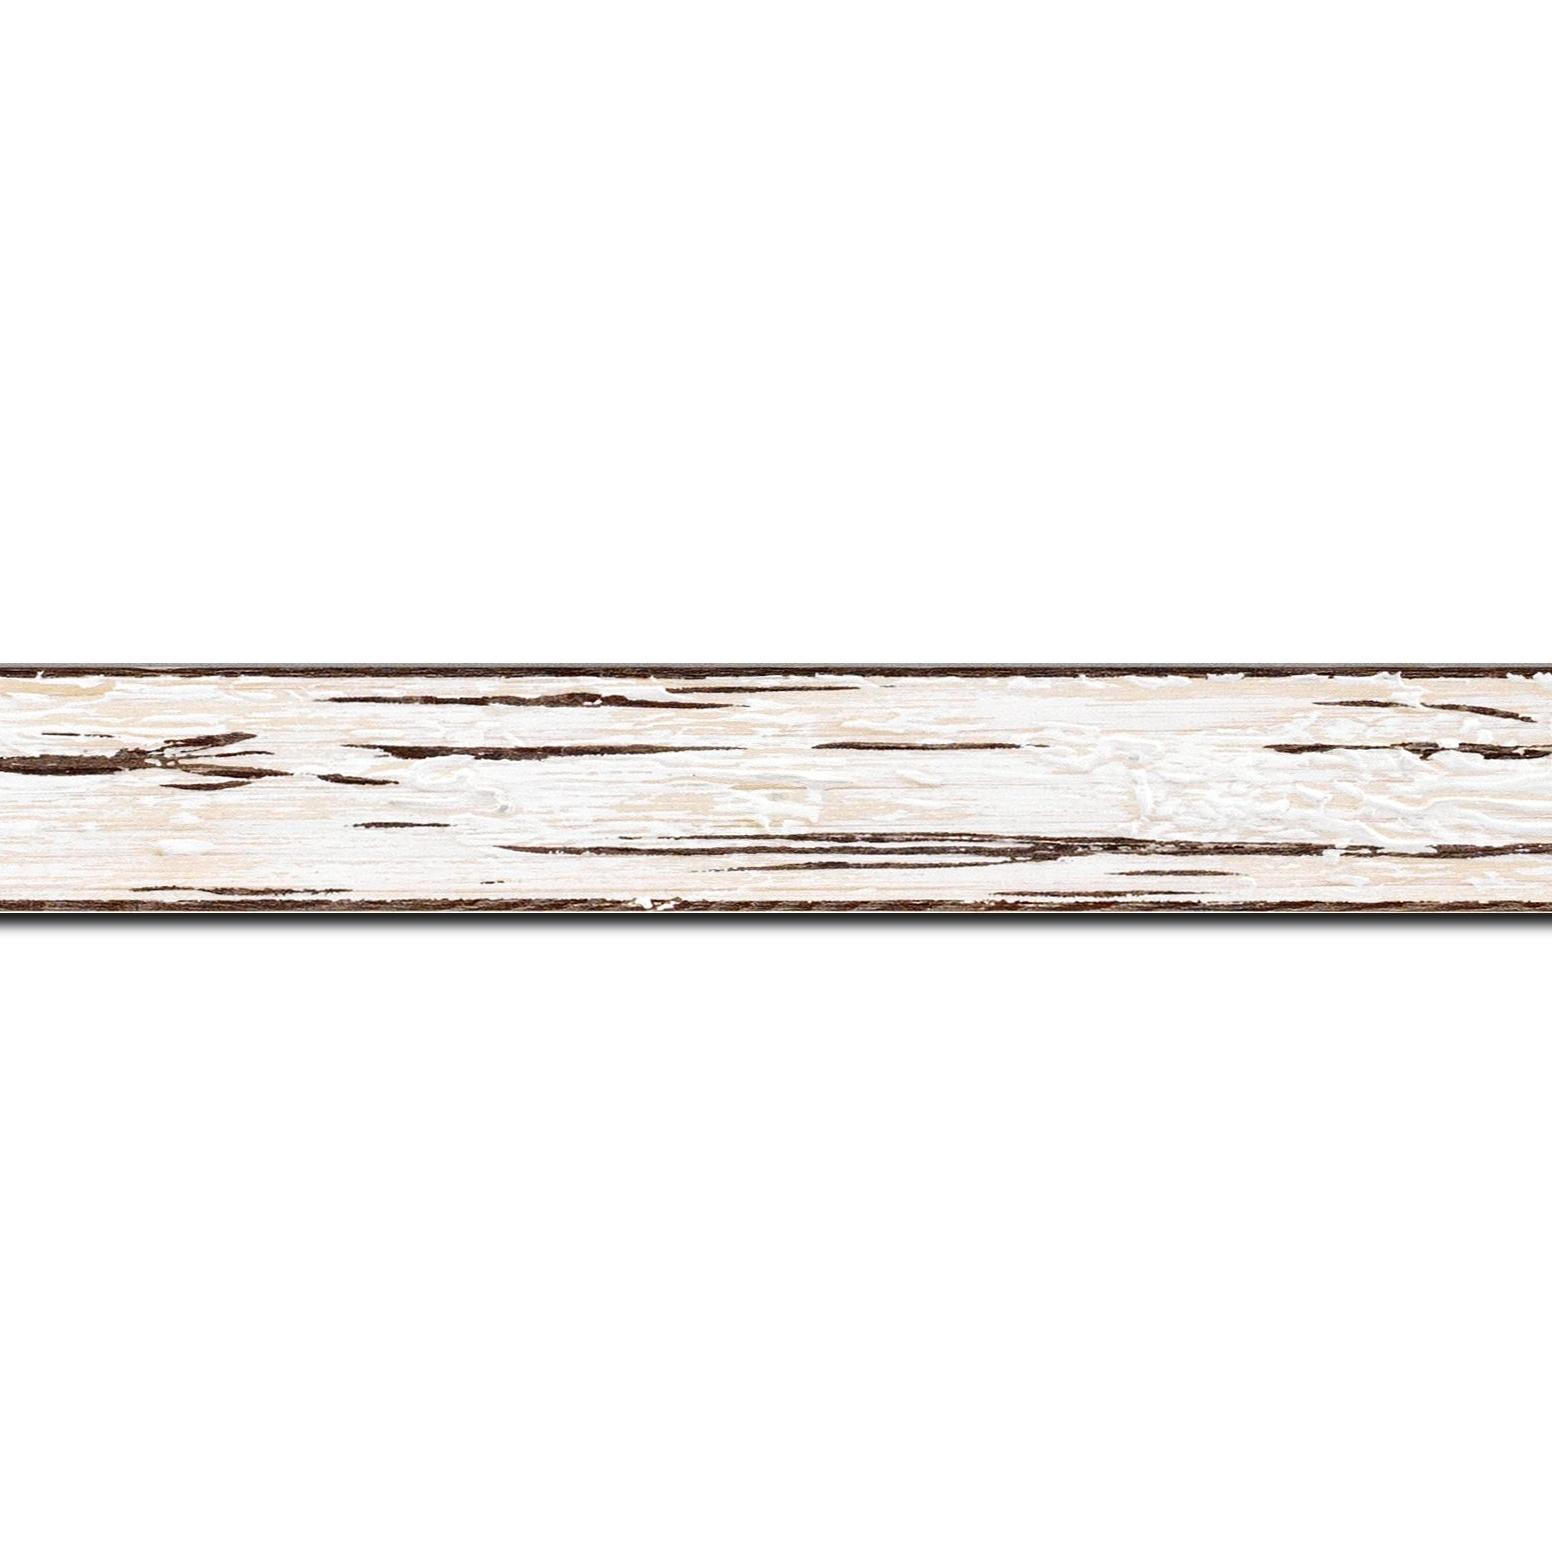 Baguette longueur 1.40m bois profil plat largeur 3.3cm couleur blanchie finition aspect vieilli antique